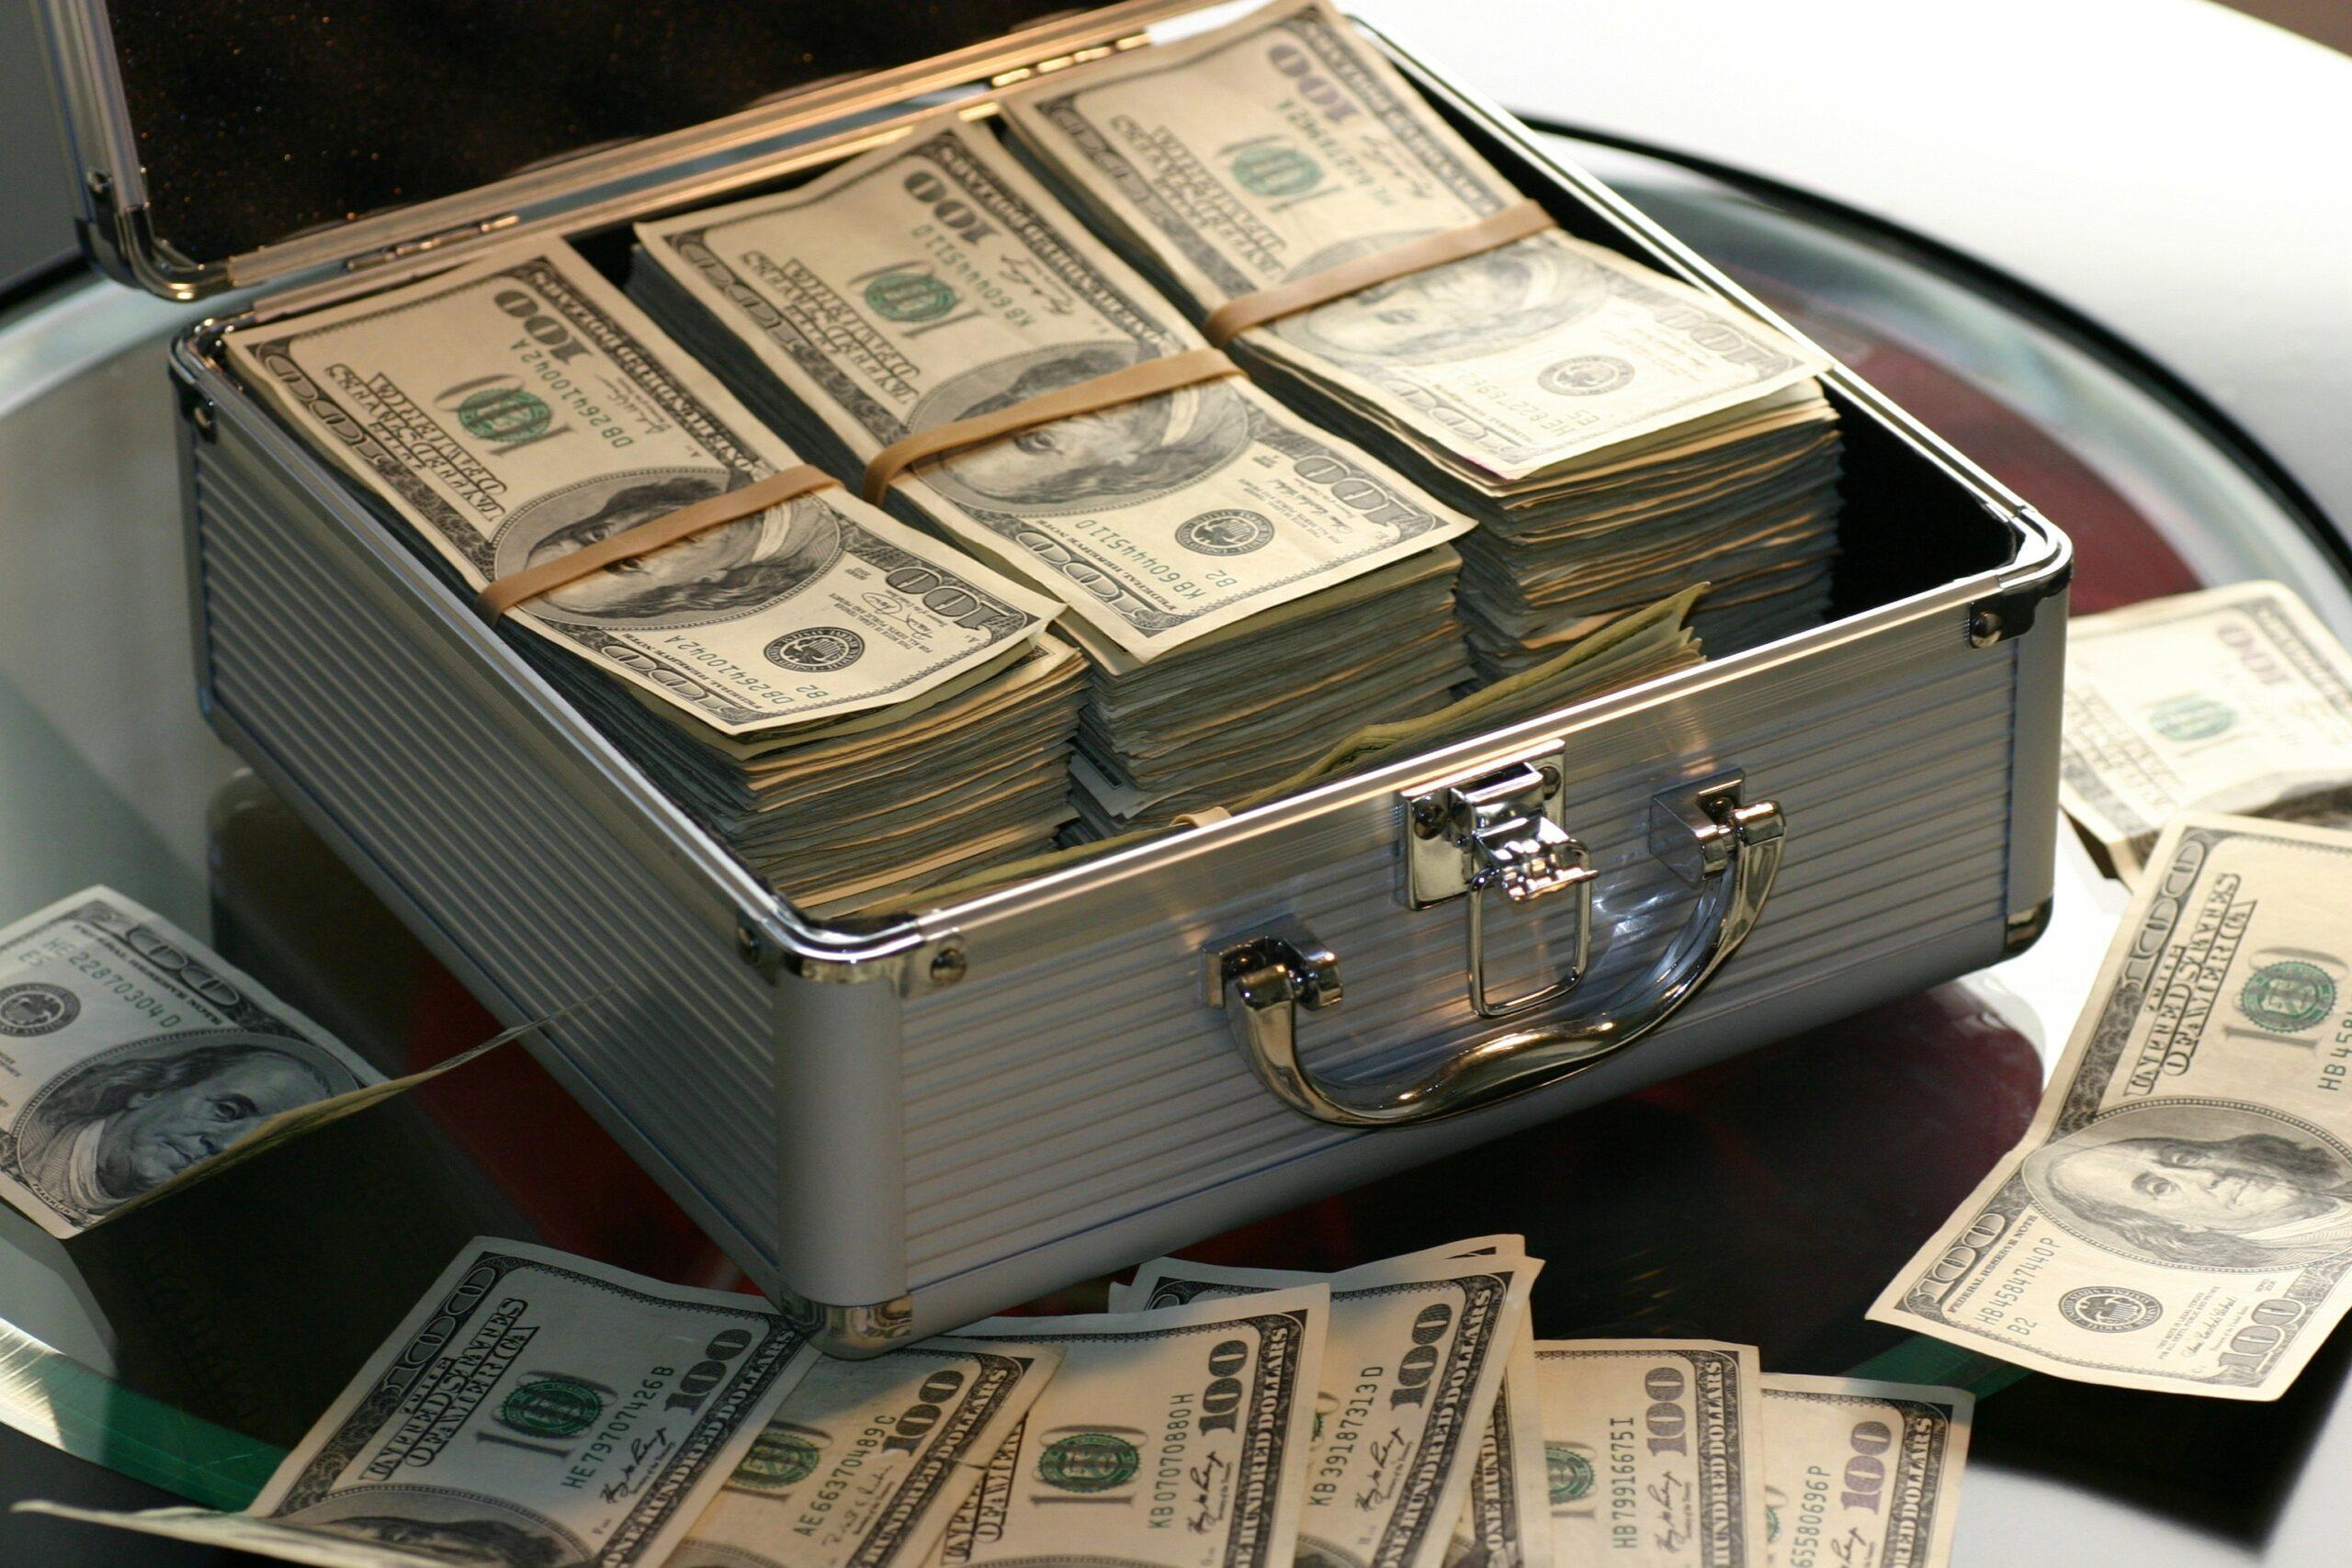 Mega da Virada - a Imgem mostra uma maleta aberta com tr~es bolos grandes de dinheiro